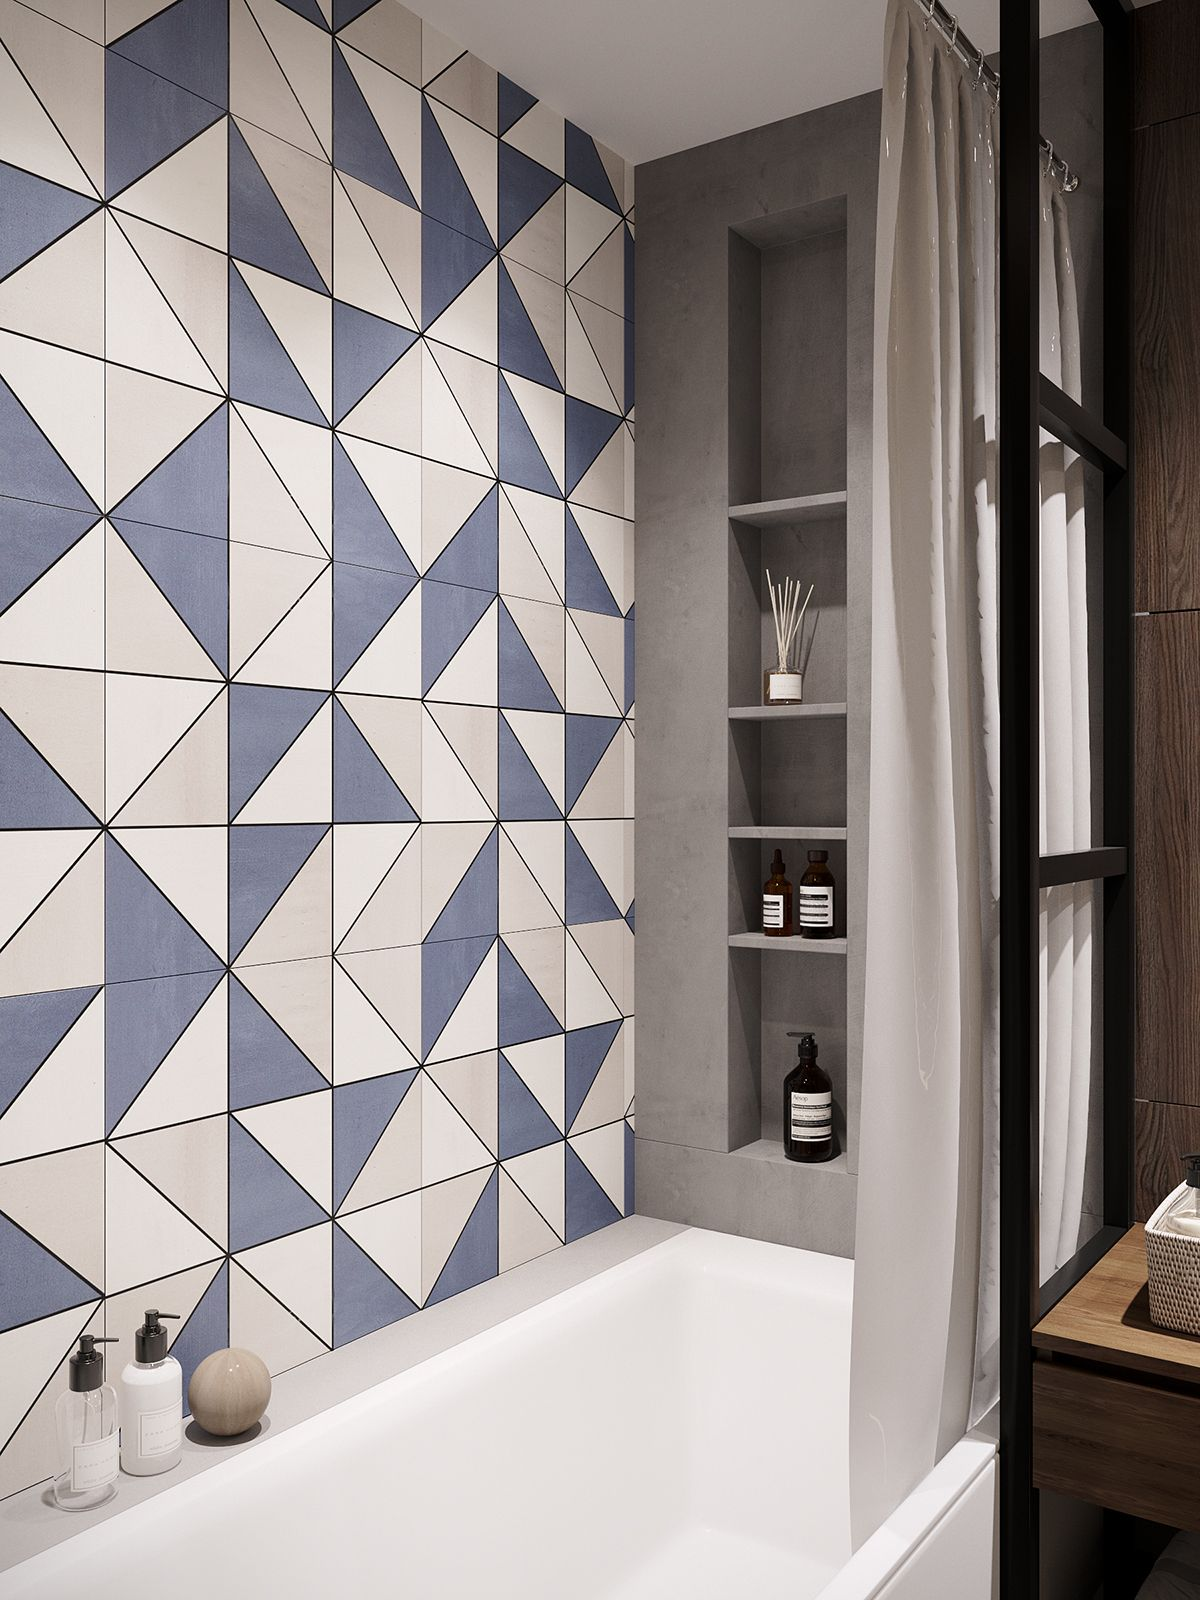 MSK Quarter on Behance | Baños interiores, Diseño de baños